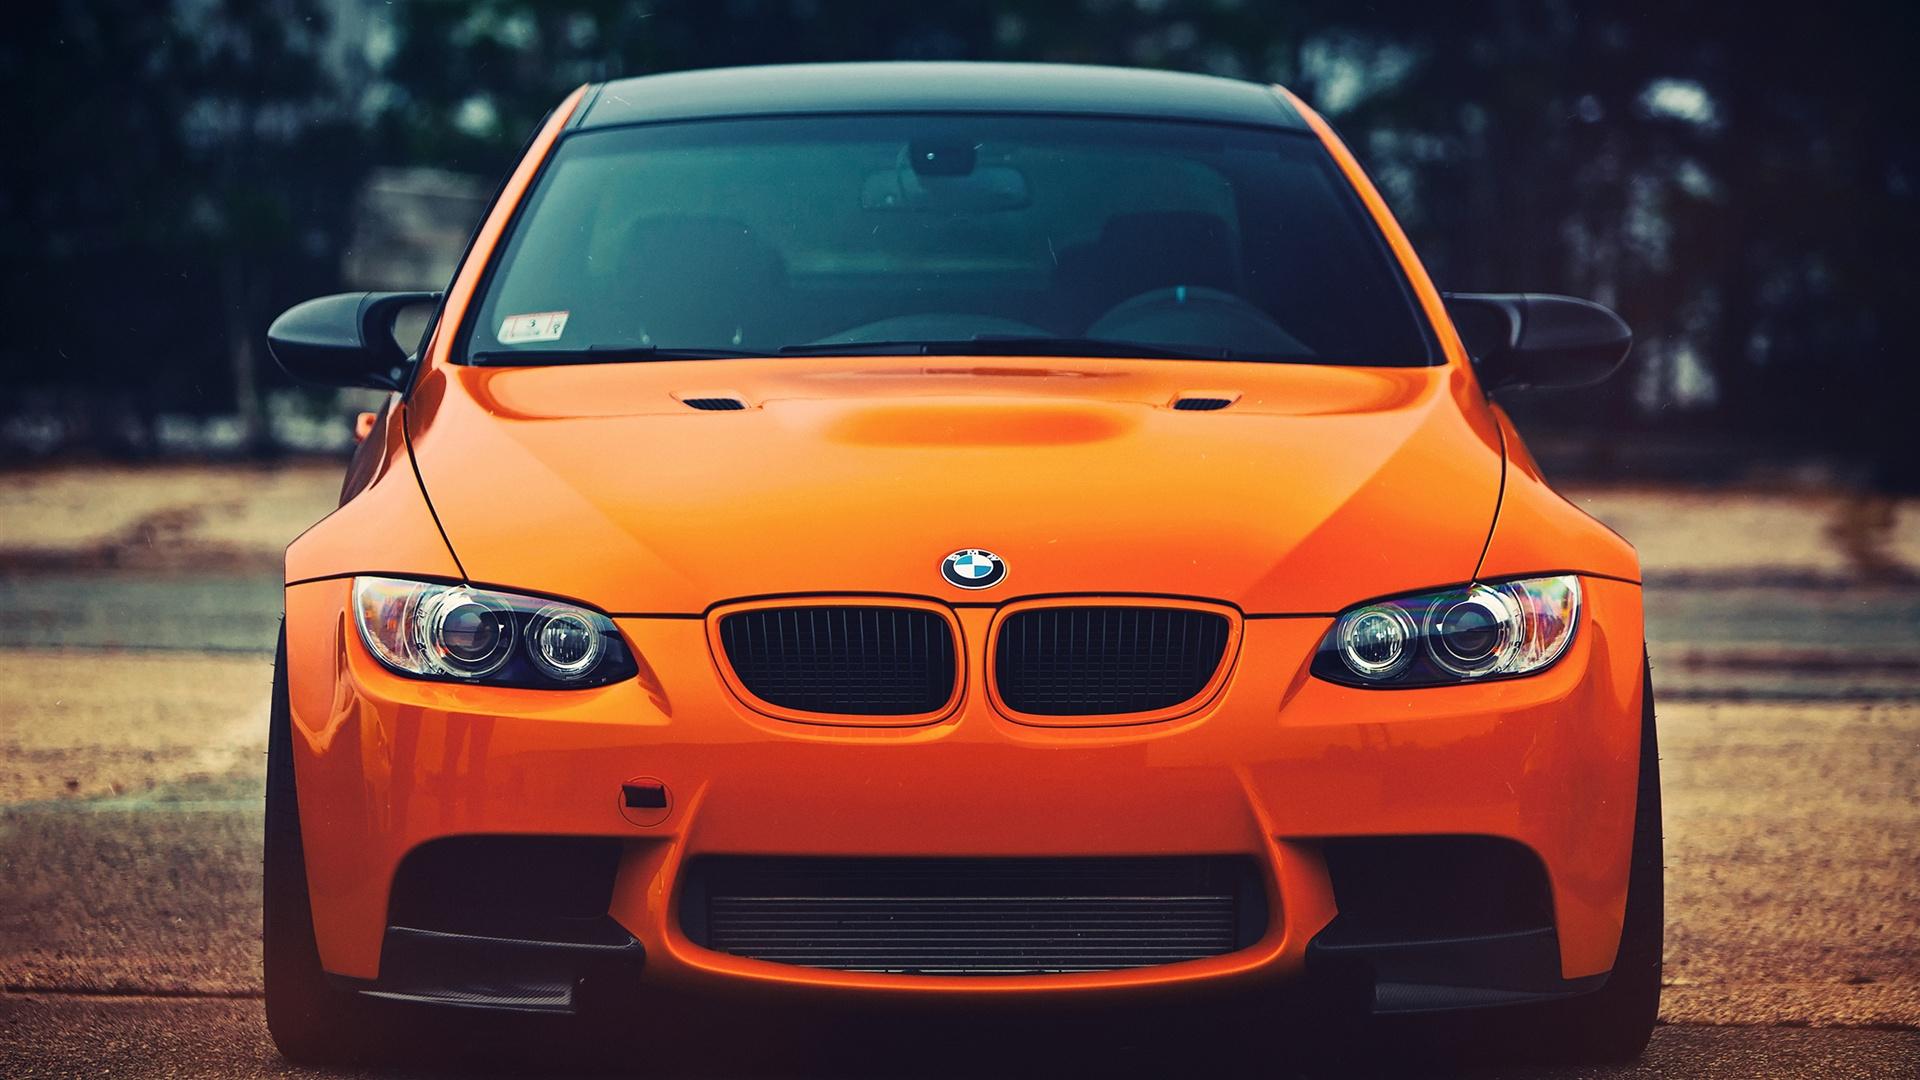 Wallpaper BMW M3 orange car front view 2560x1600 HD ...